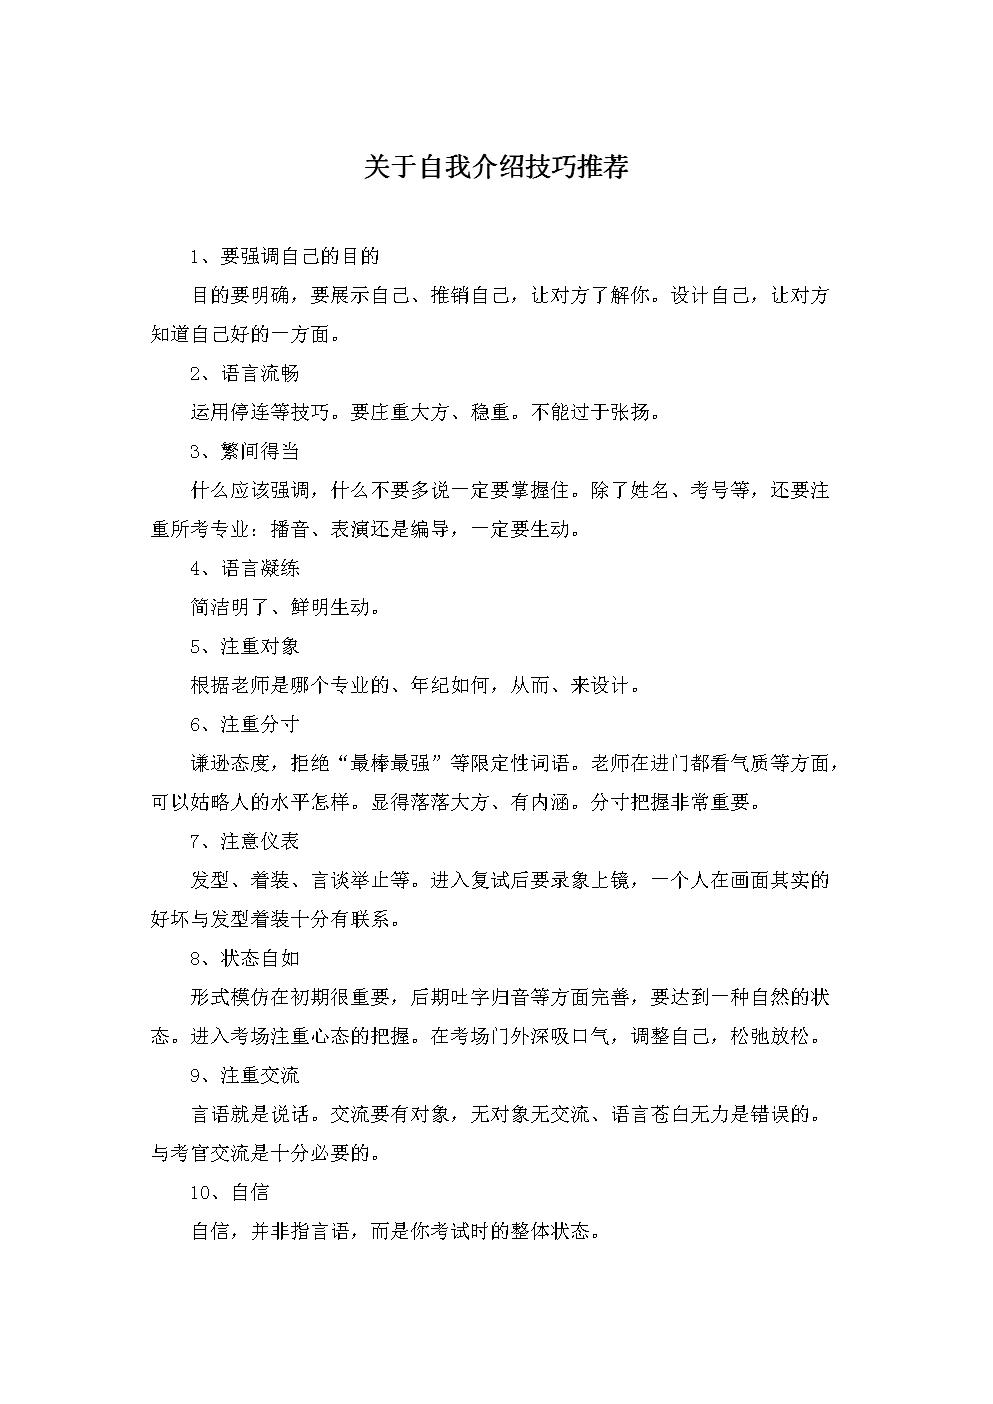 关于自我介绍技巧推荐—最新范文.doc